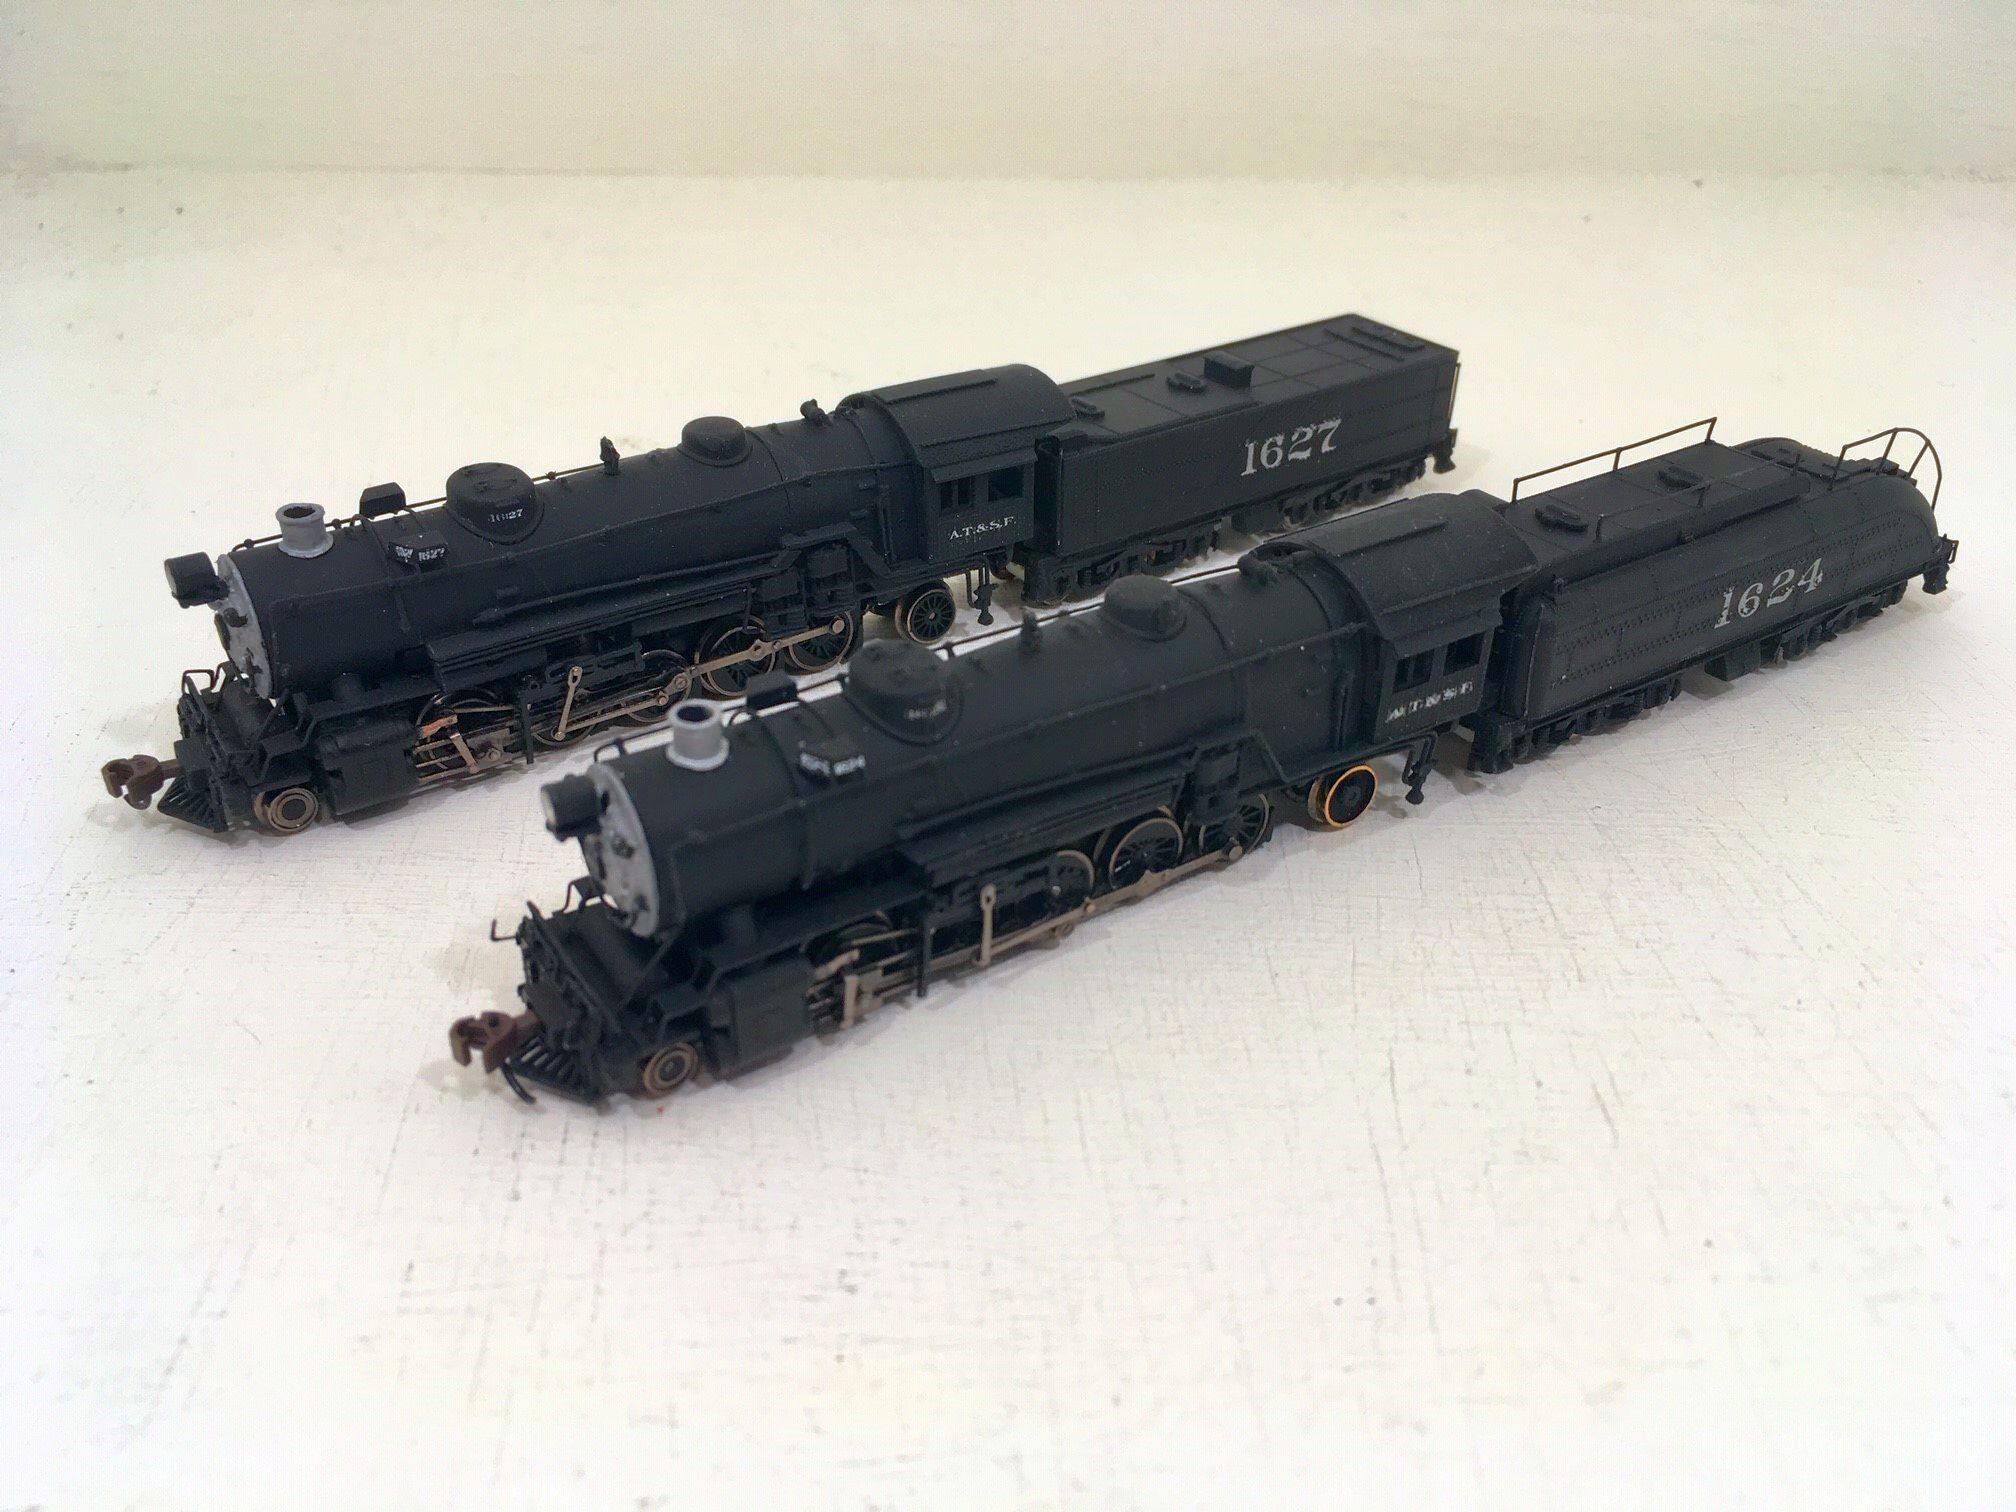 ATSF Santa Fe #1624 & 1627 (model)